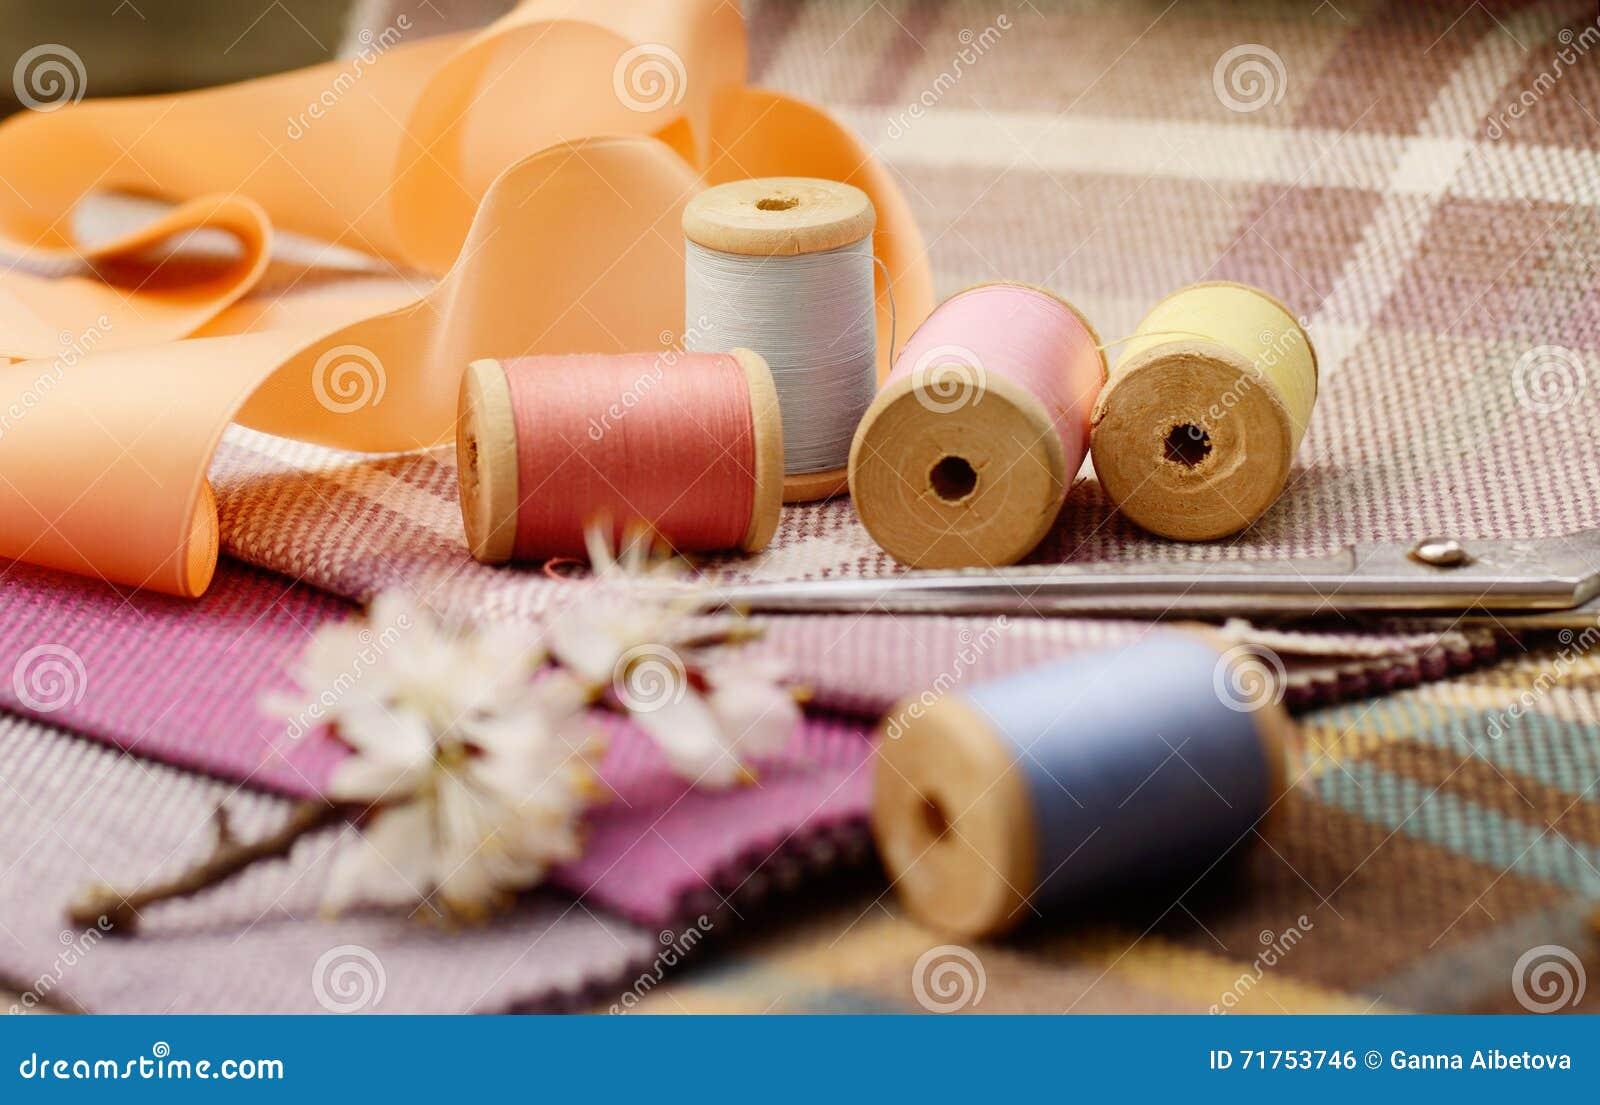 Ράβοντας προμήθειες, βελόνες, ψαλίδι στο ζωηρόχρωμο gunny υφαντικό υπόβαθρο